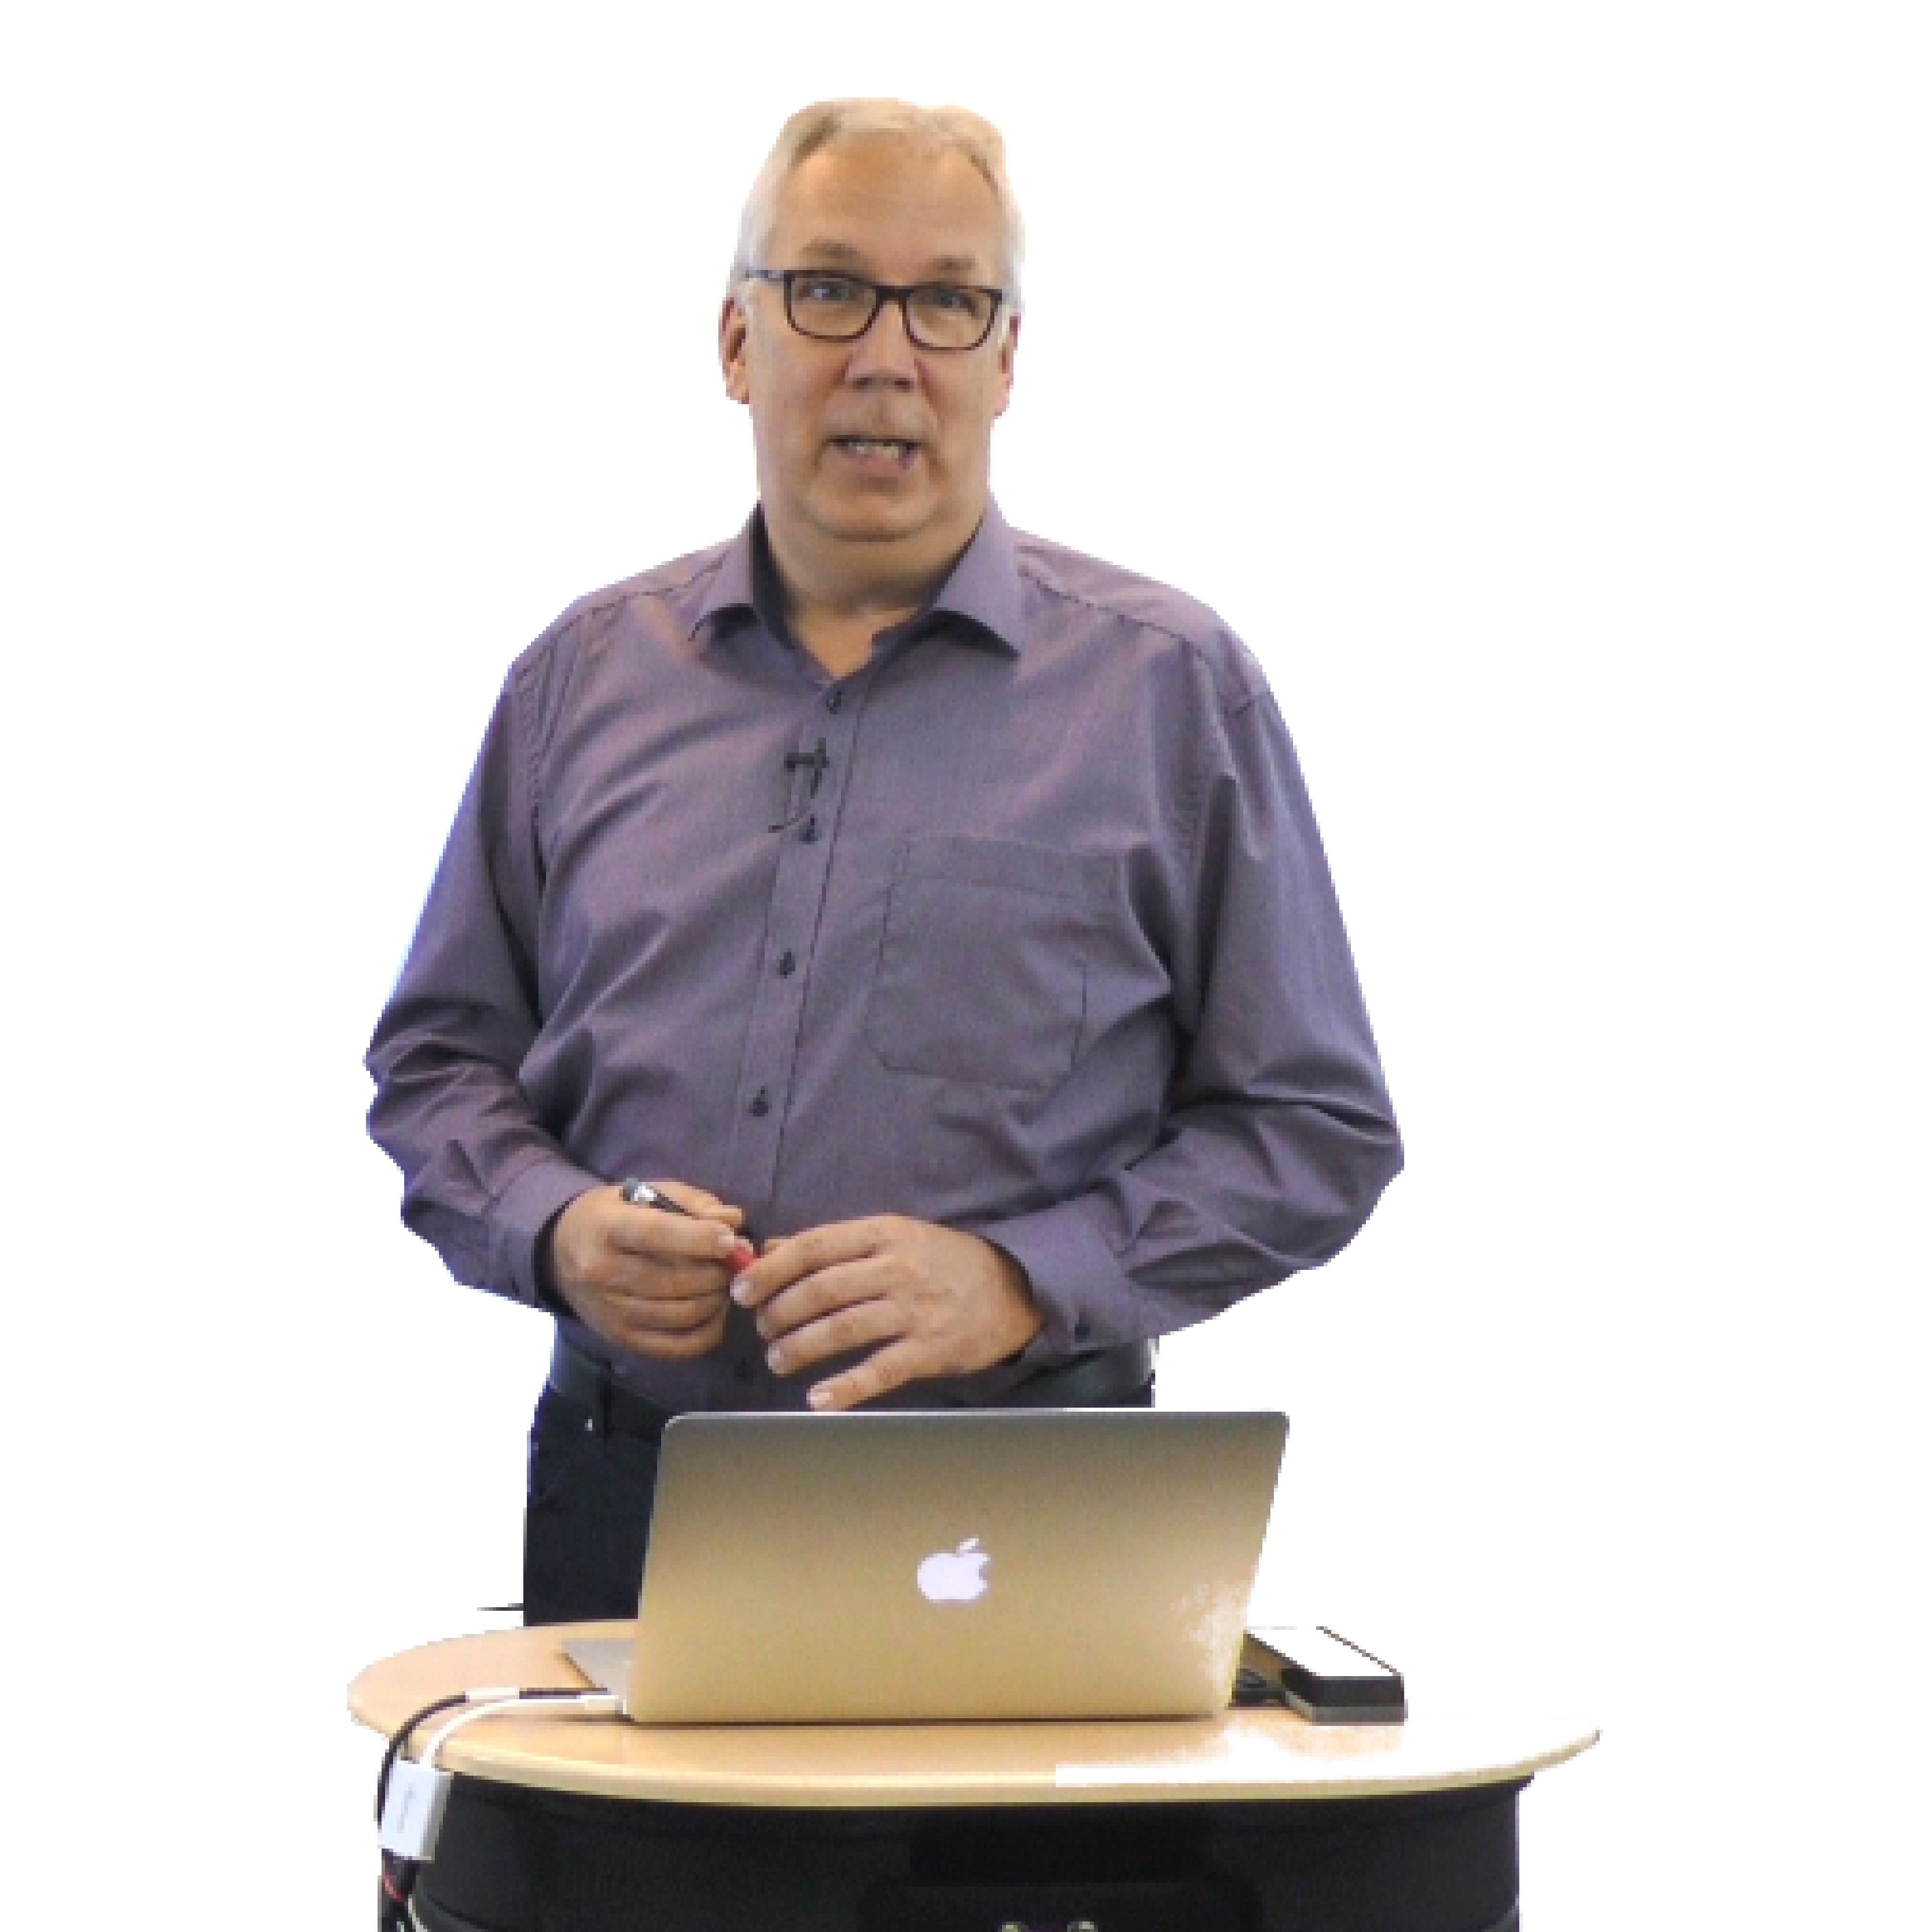 Sachverständiger für Sicherheitstechnik - Michael Braasch